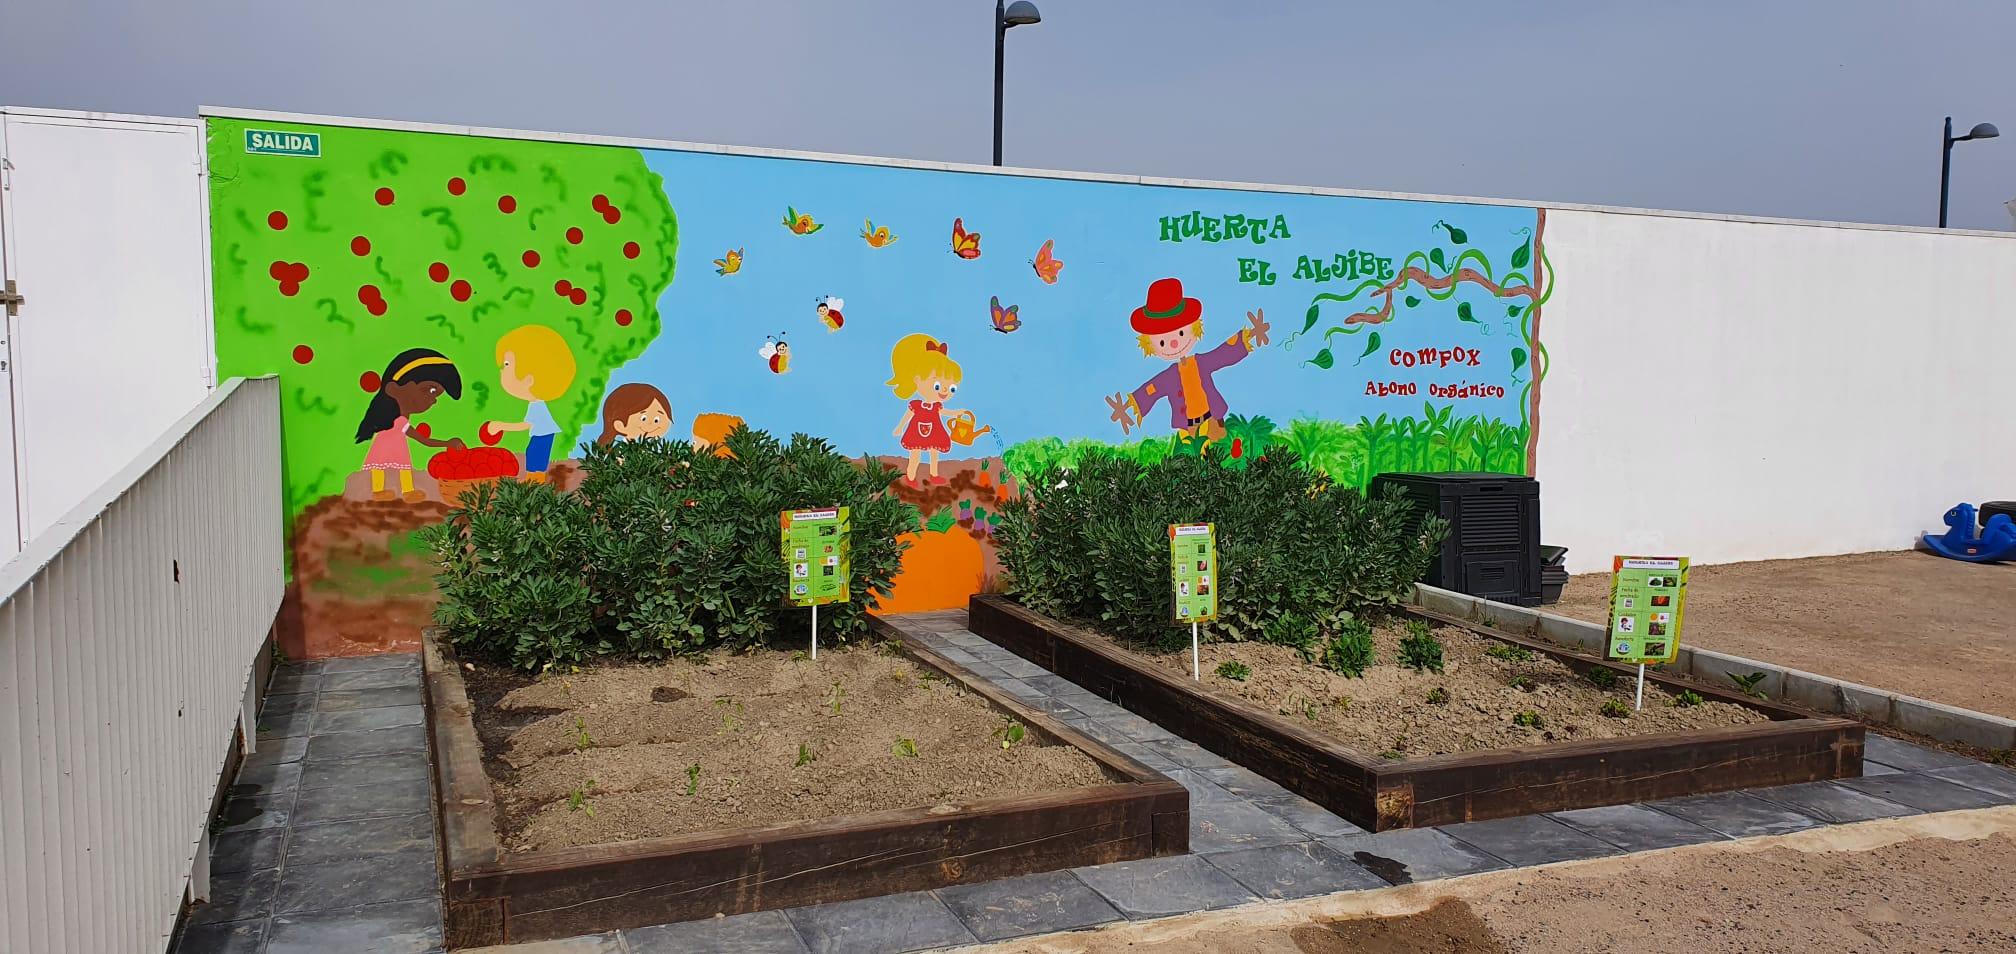 4 colegios de la provincia reciben la Bandera Verde Ecoescuela por su compromiso con la educación ambiental